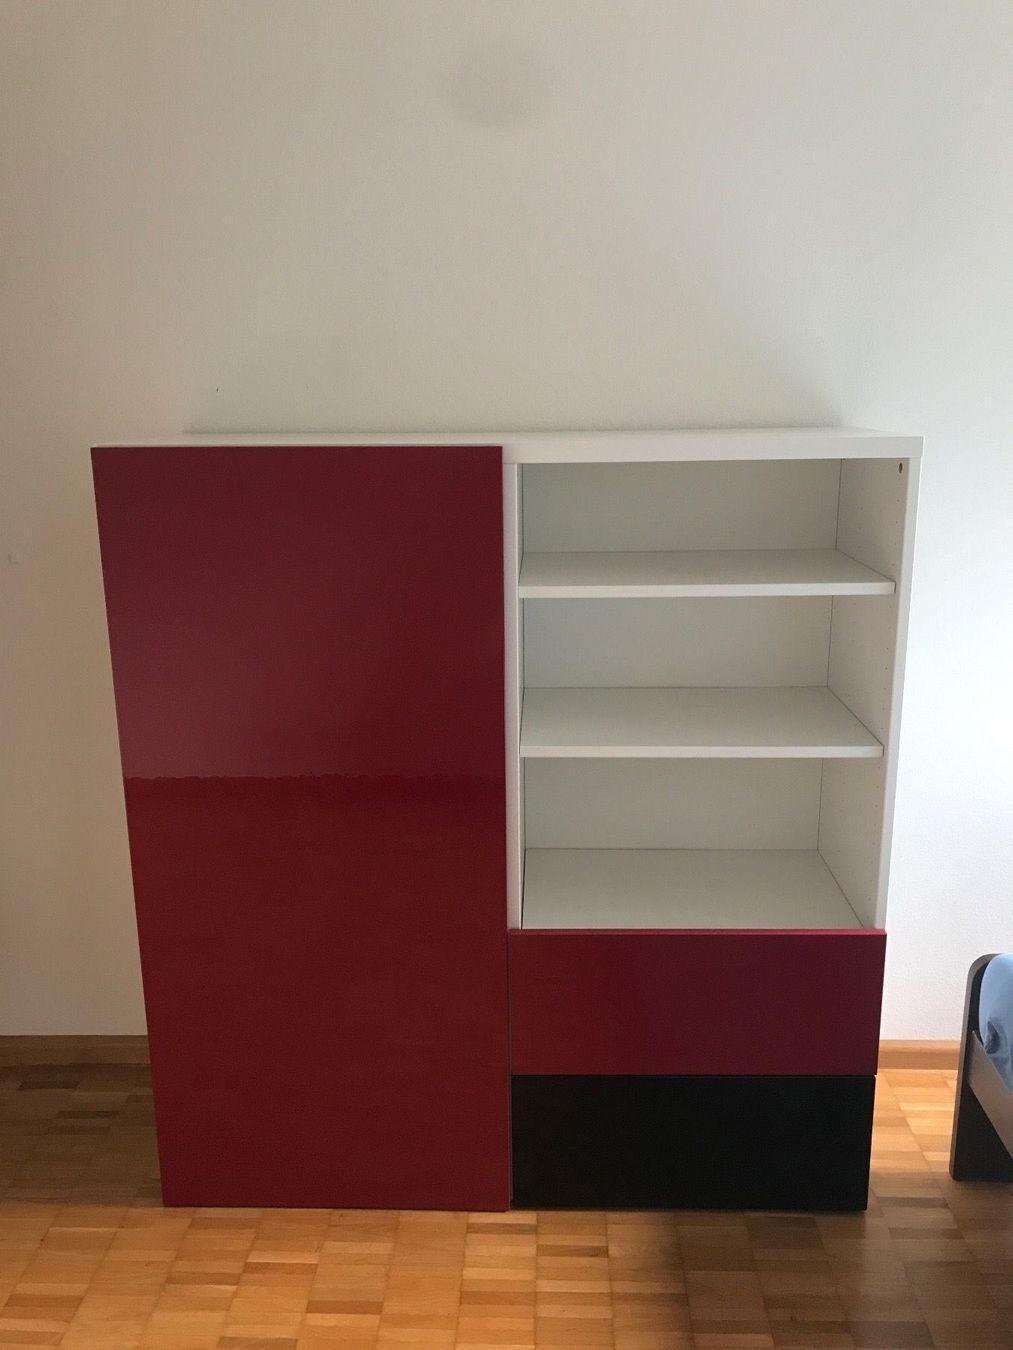 Schrank Mit Schubladen Ikea